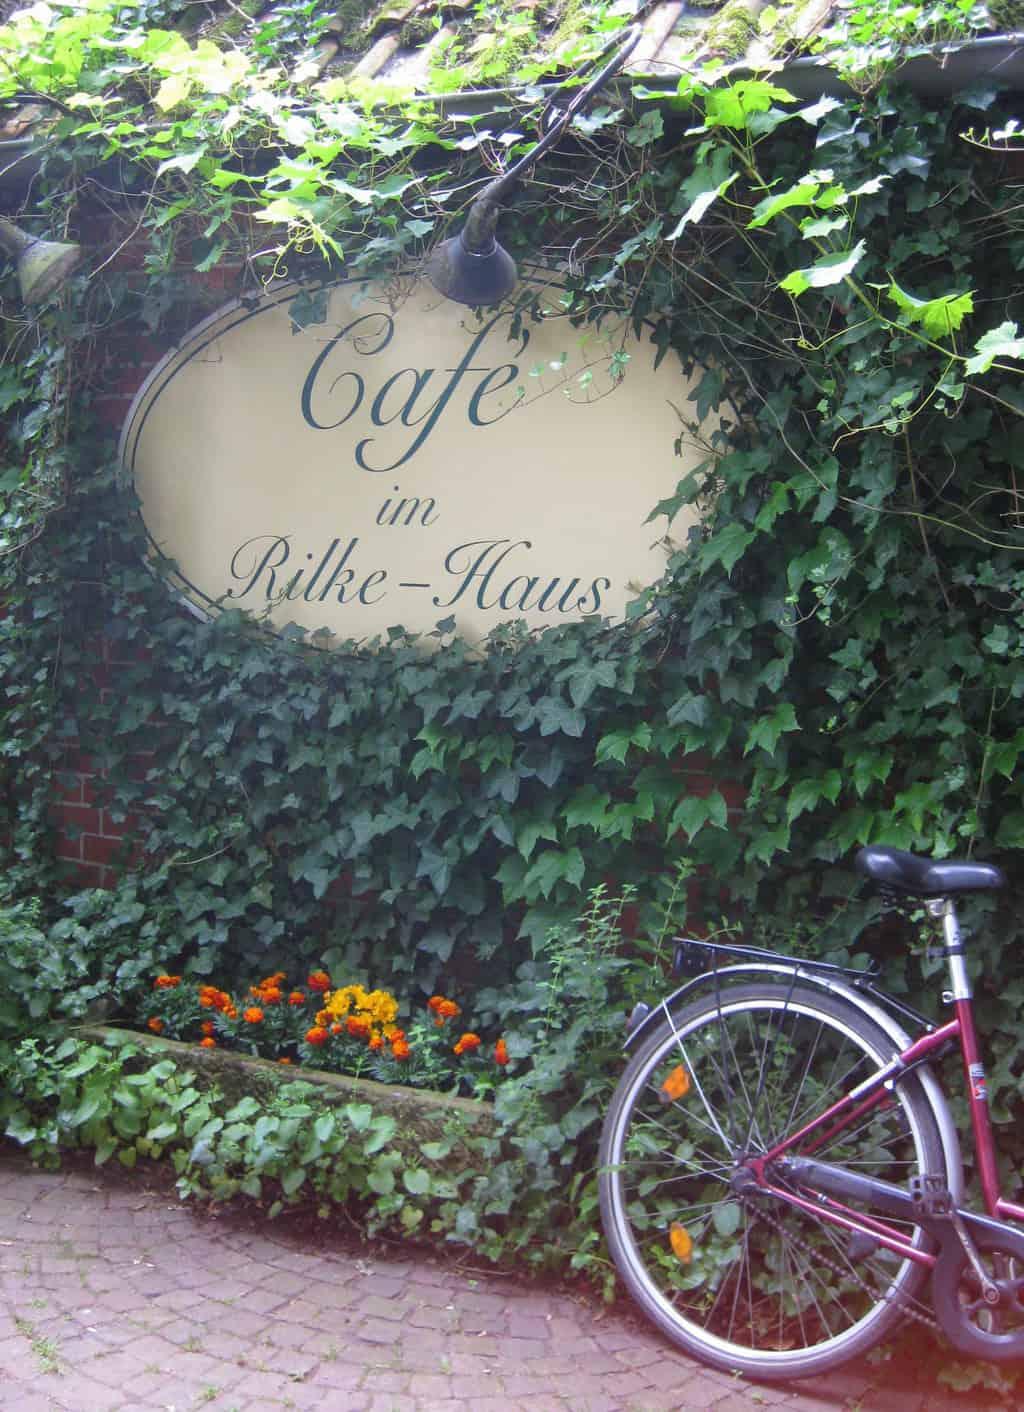 Rilke Haus Rilke cafe, Cafe im Rilke-Haus